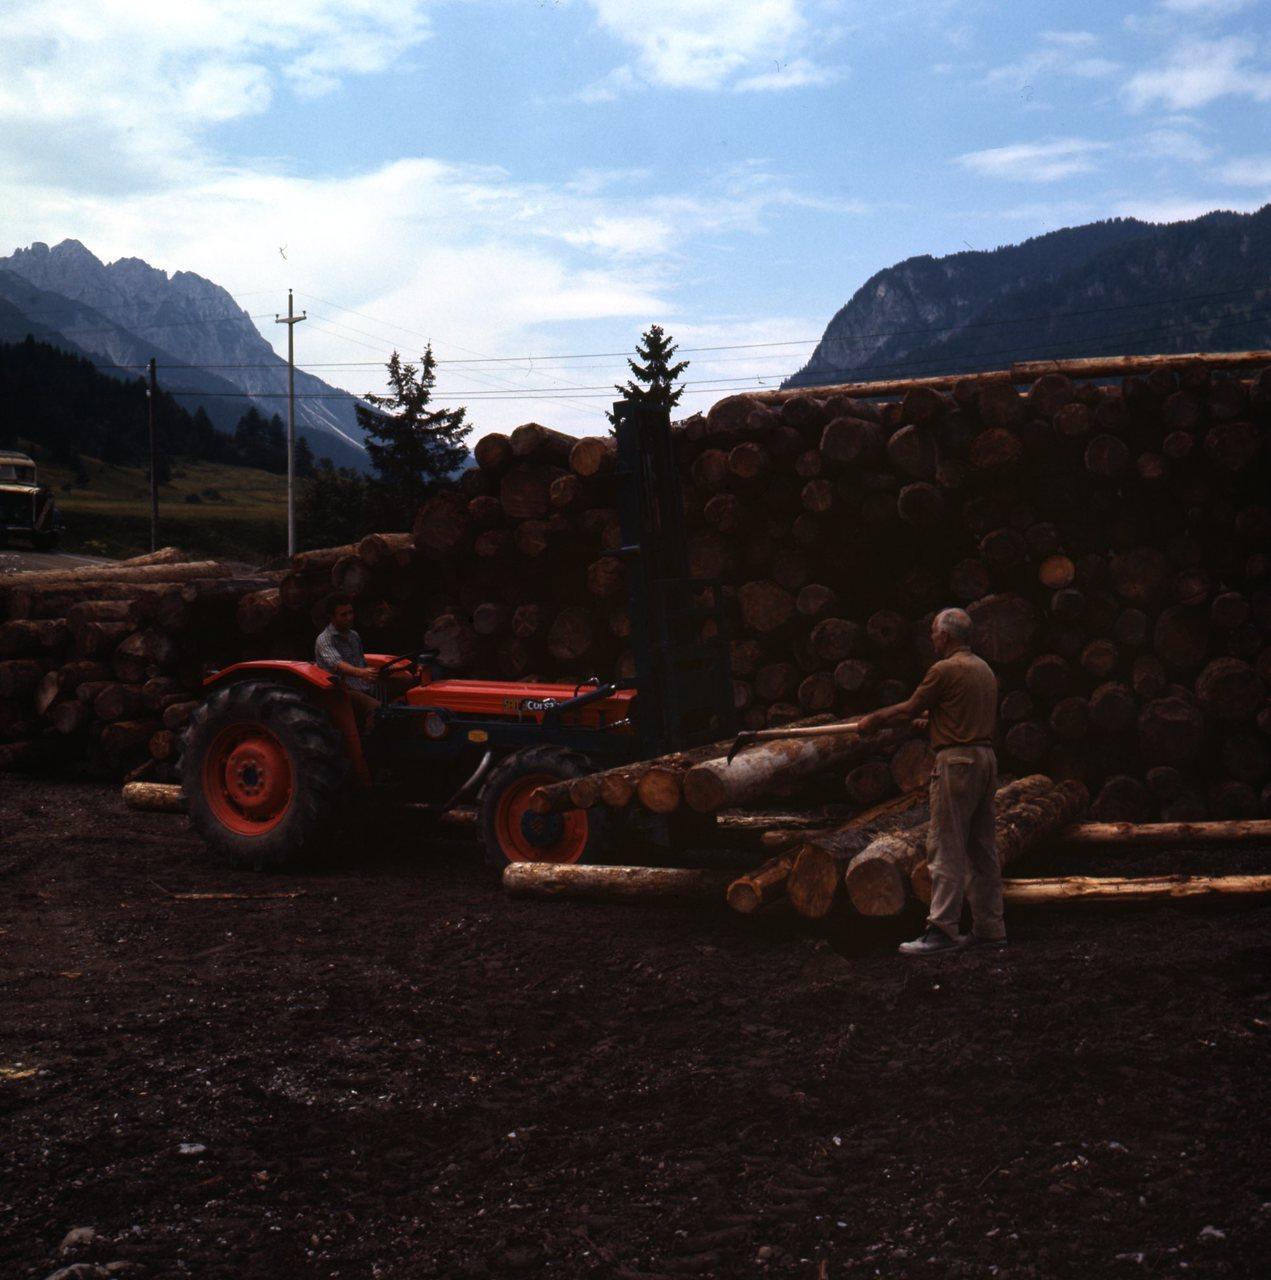 [SAME] Corsaro 70 2RM e 4RM presso azienda Paolino de Sante di Forni di Sopra (Udine), 20/7 e 1/5/1972